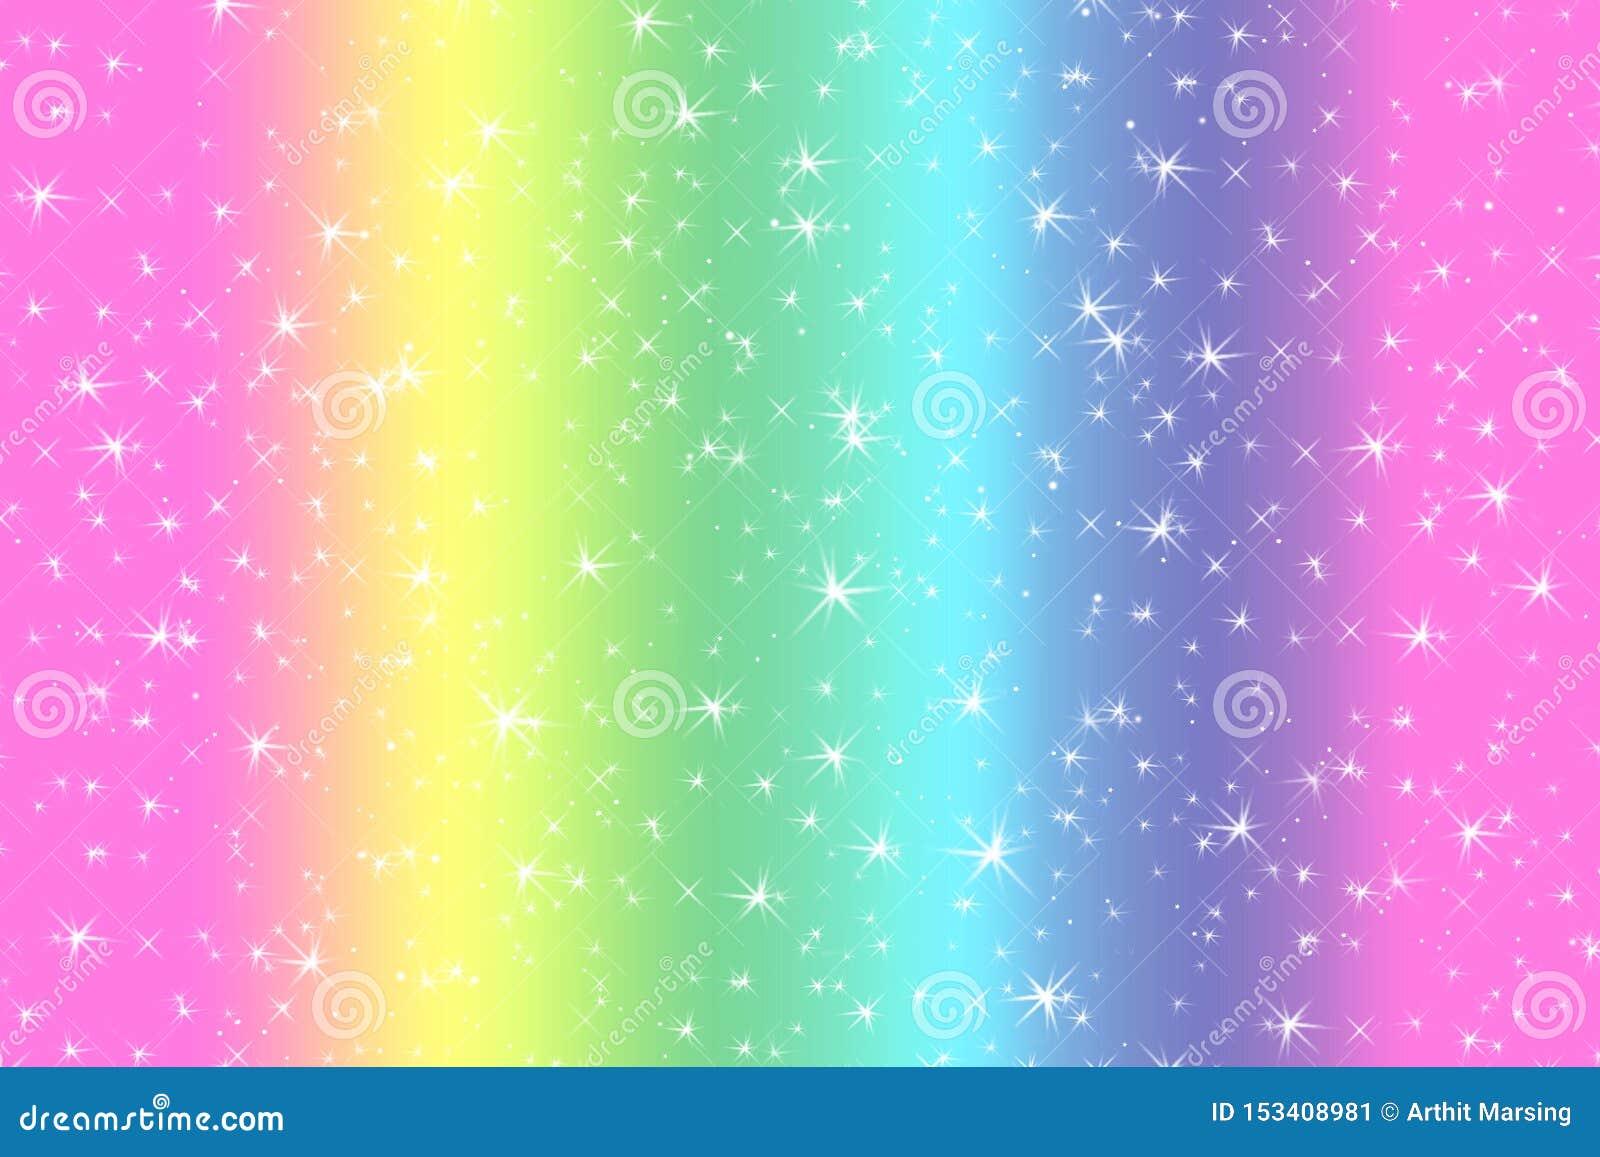 与柔光星的彩虹颜色抽象背景提出了梦想概念背景在甜内容的 彩虹颜色